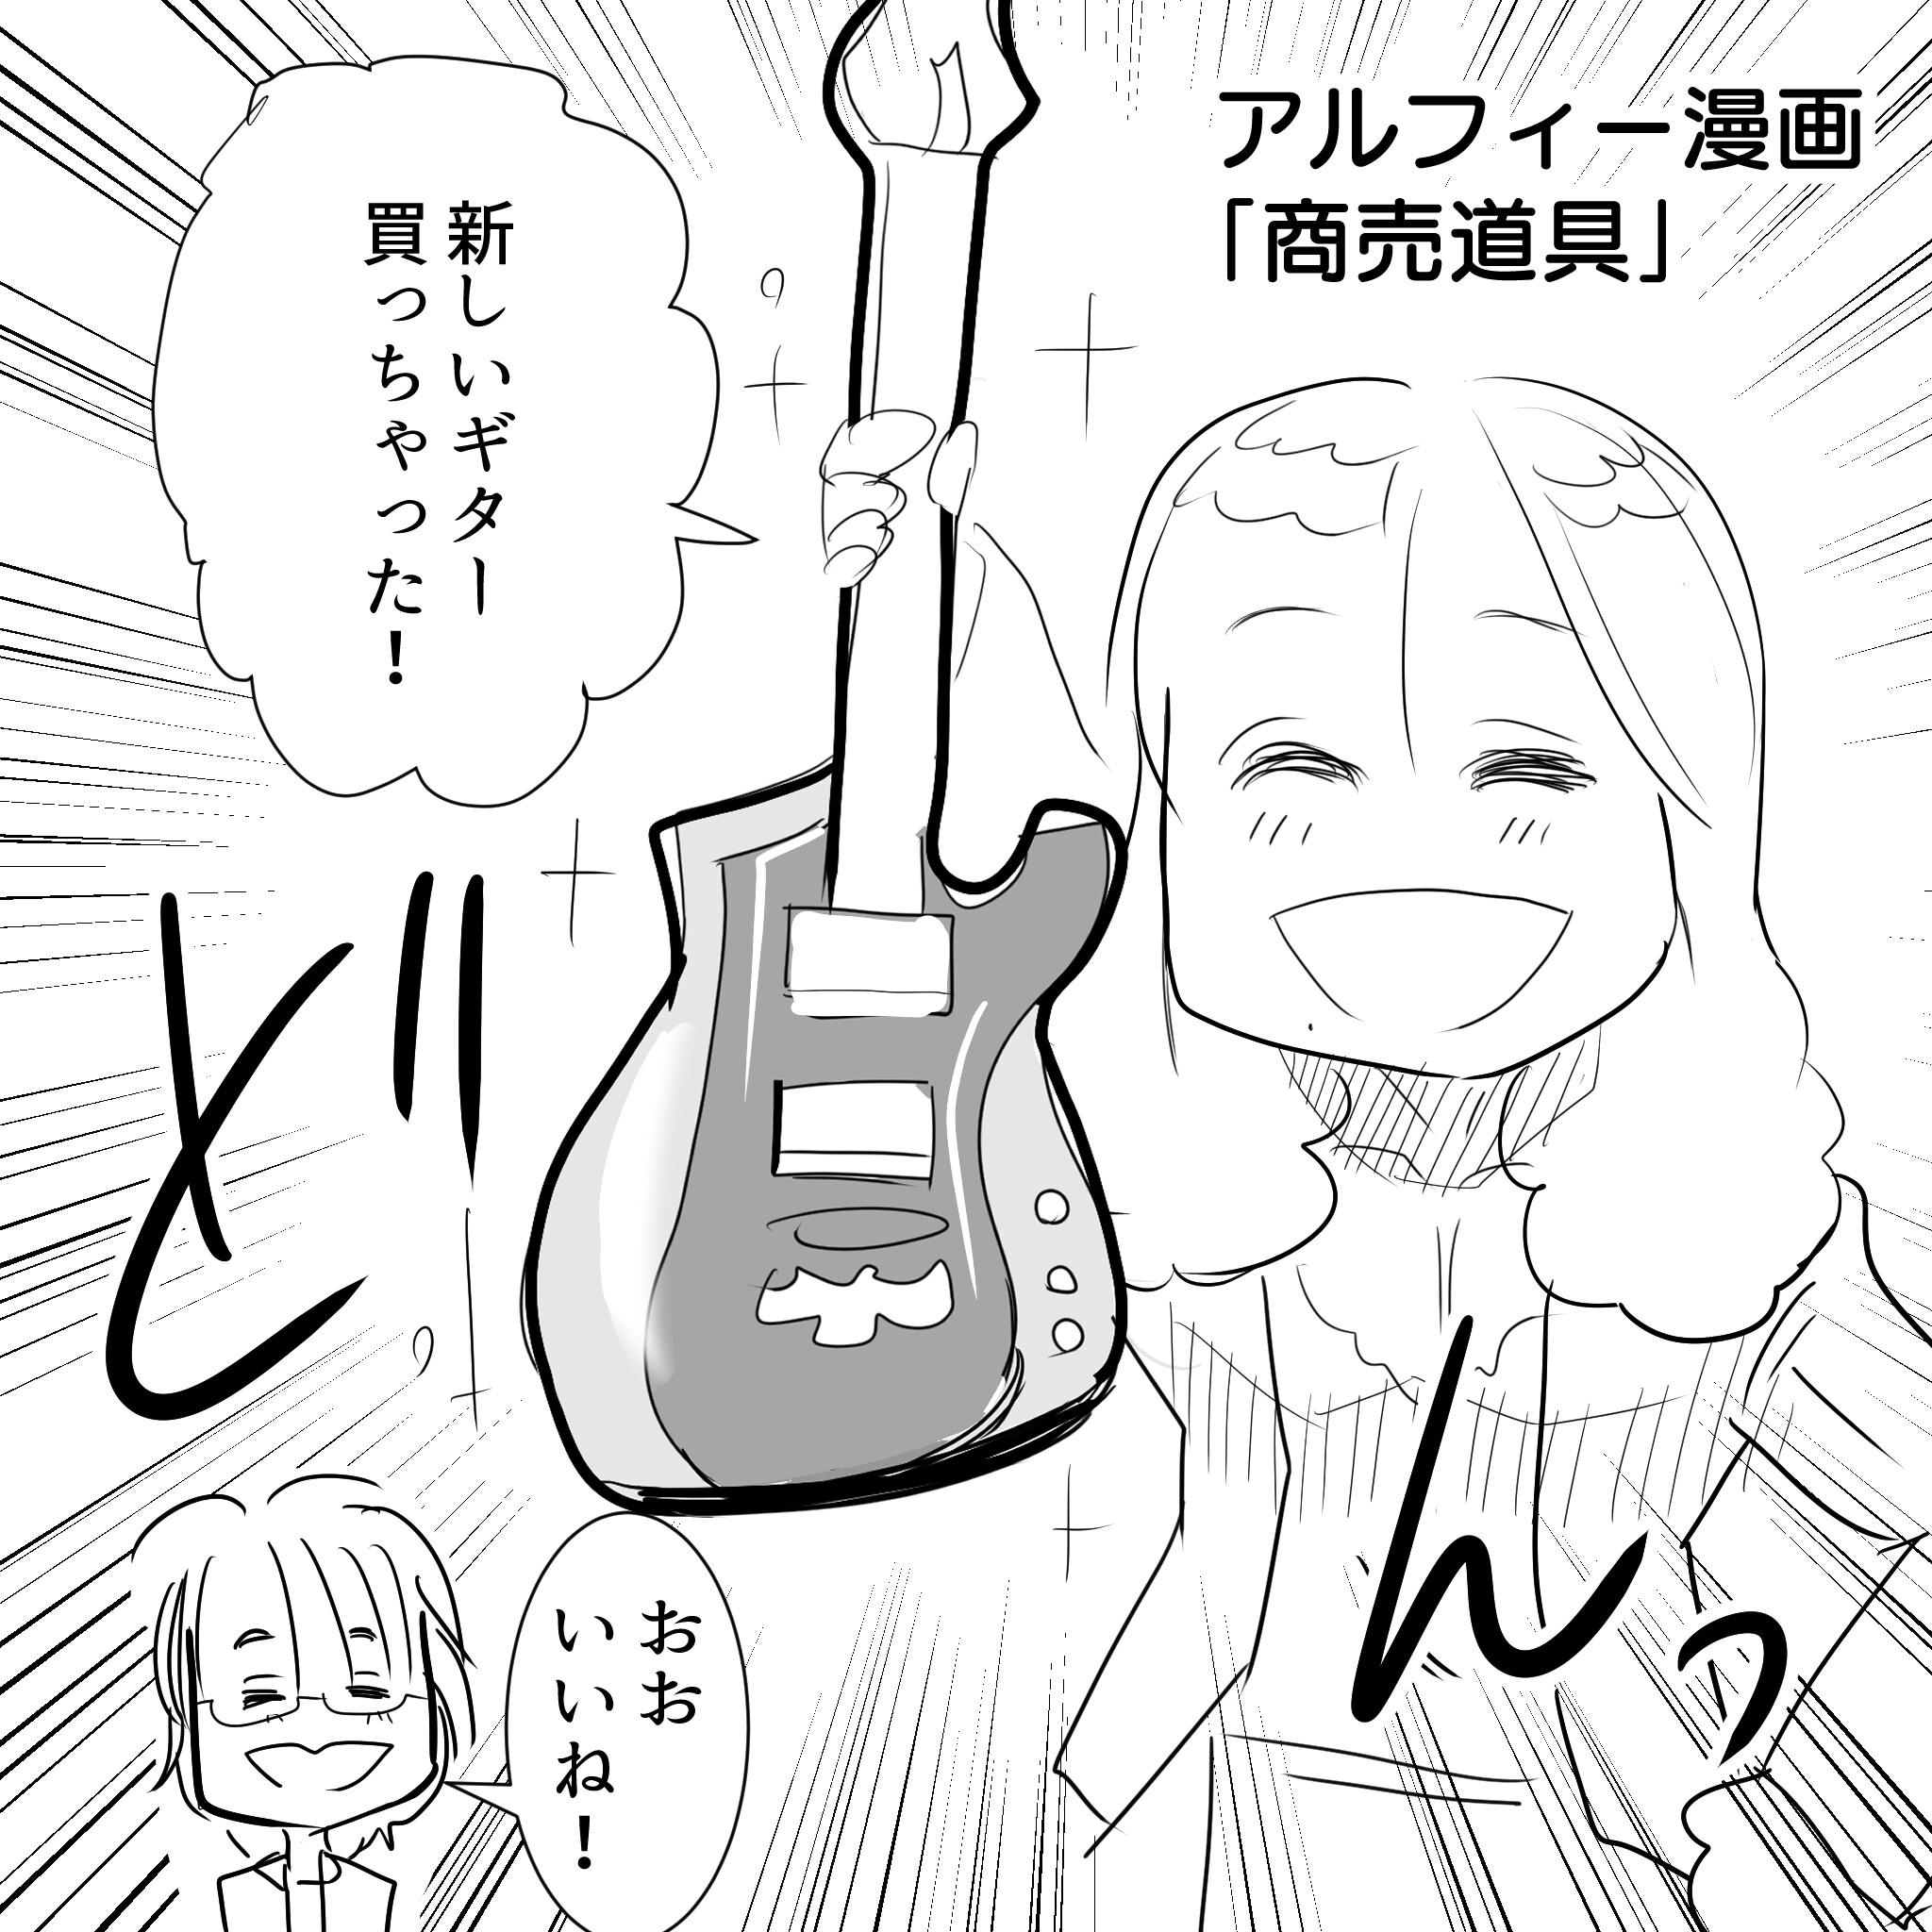 あ新しいギター1